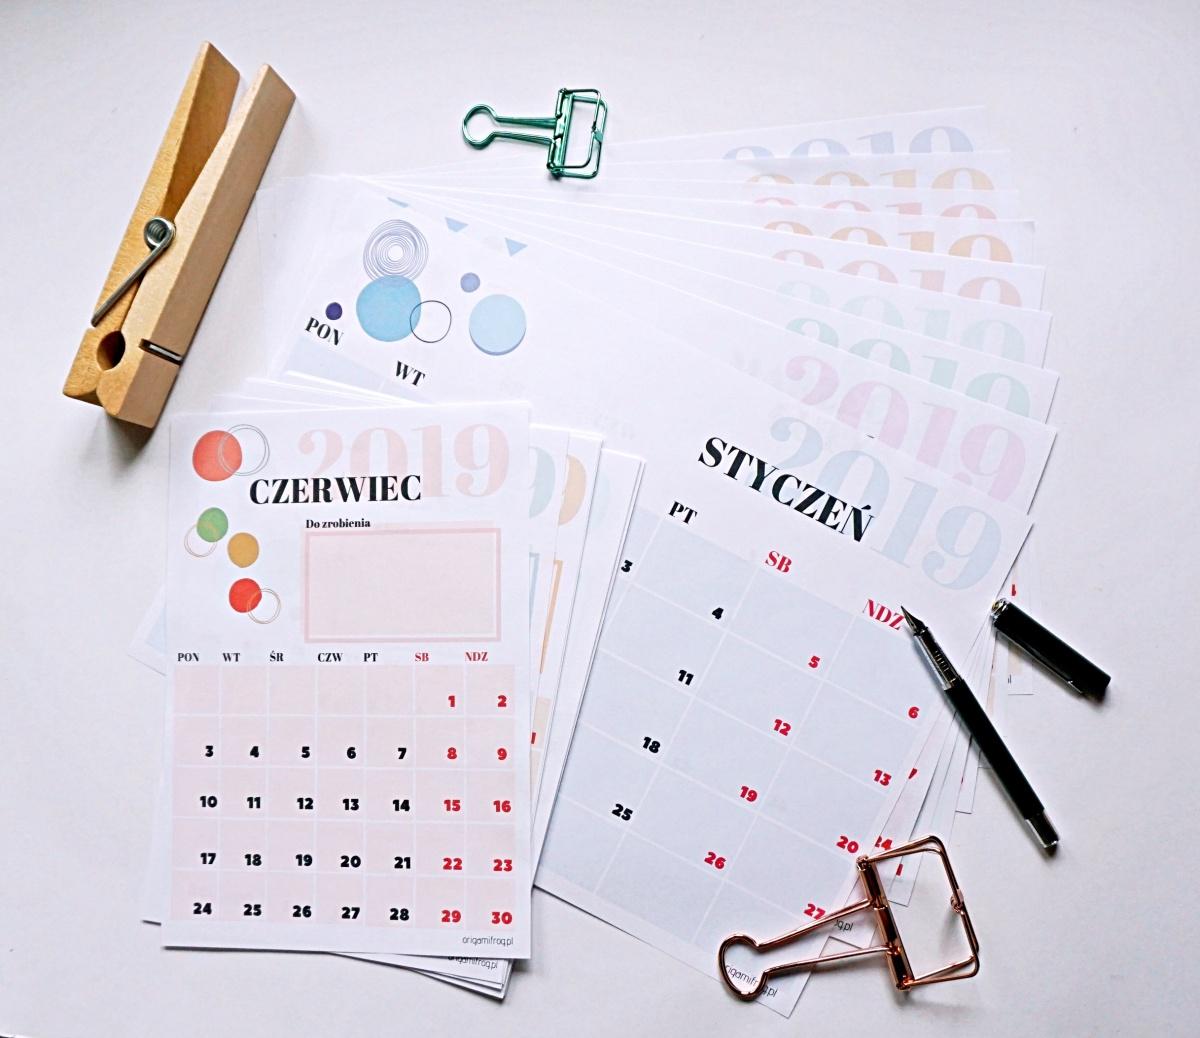 Kalendarz 2019 do wydruku